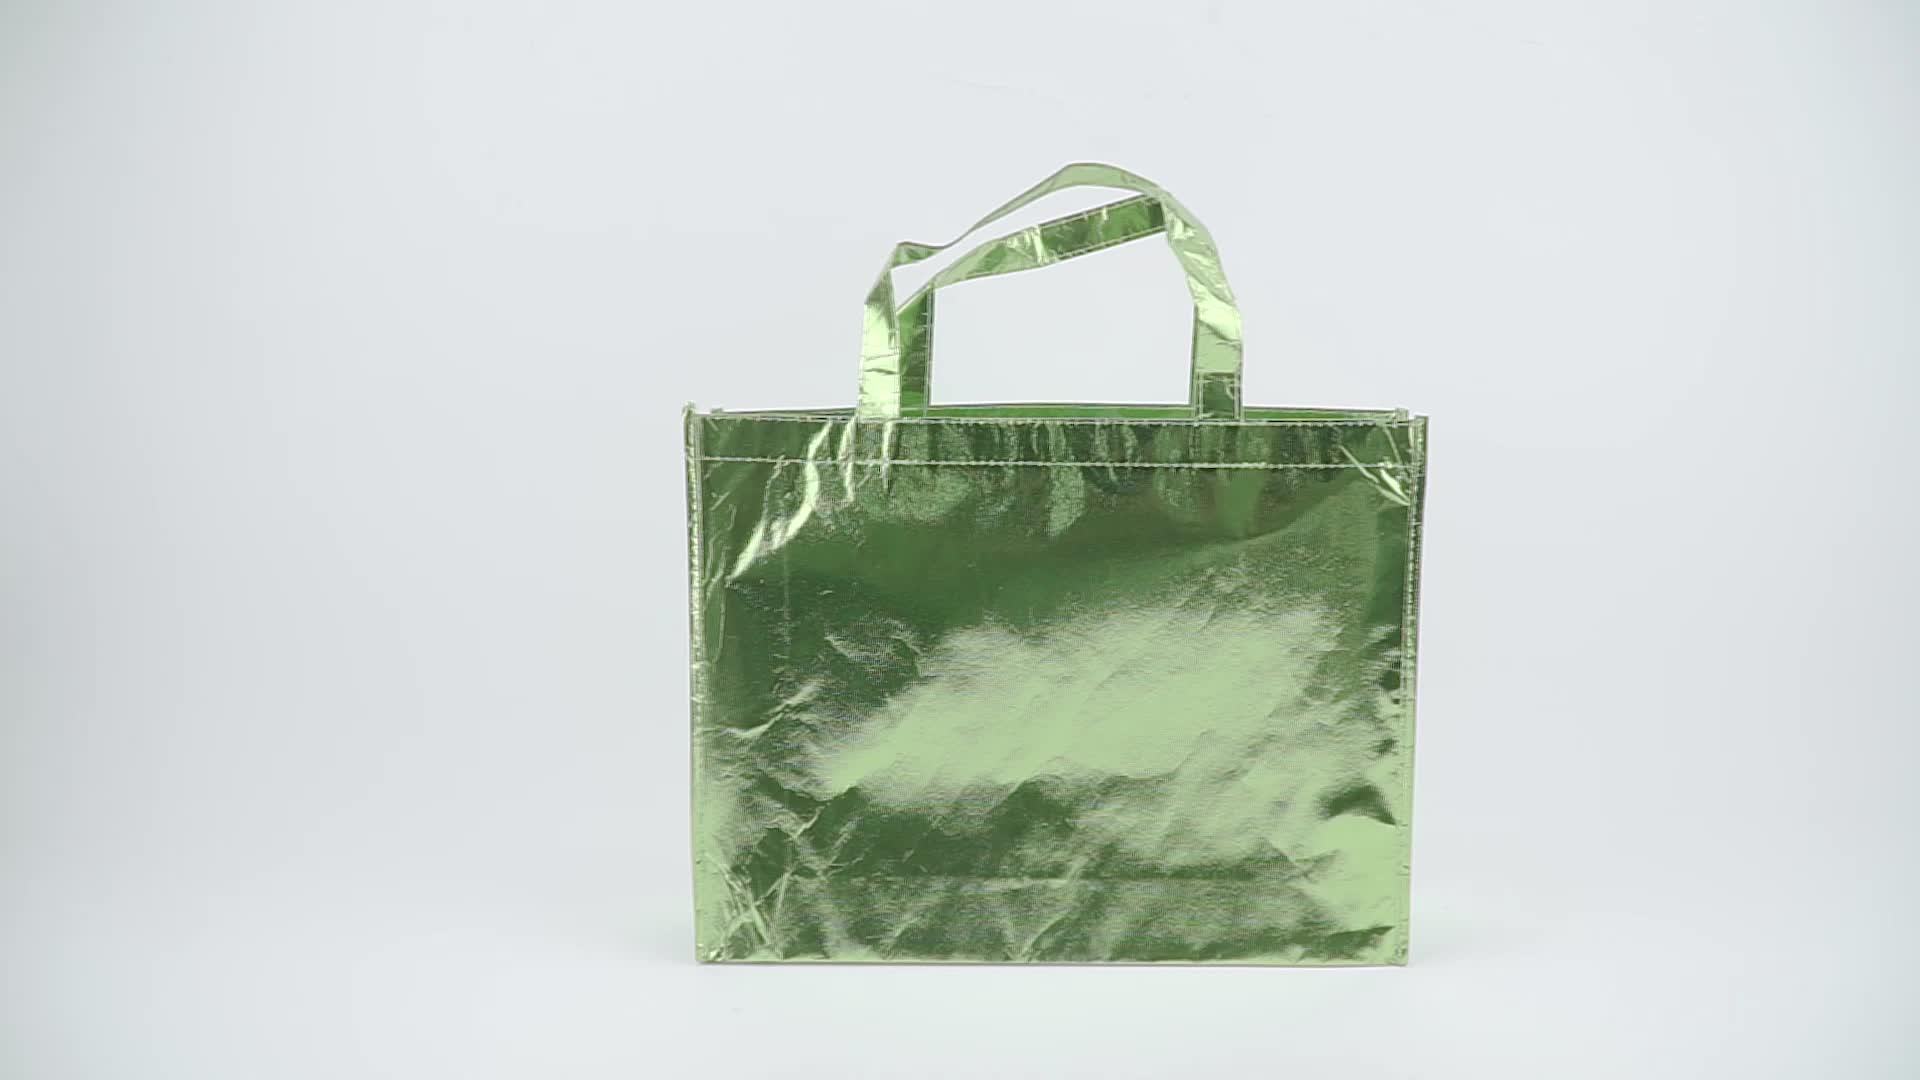 ที่กำหนดเองที่มีคุณภาพสูงไม่ทอด้วยเคลือบมันวาวppไม่ทอถุงช้อปปิ้ง/กระเป๋า